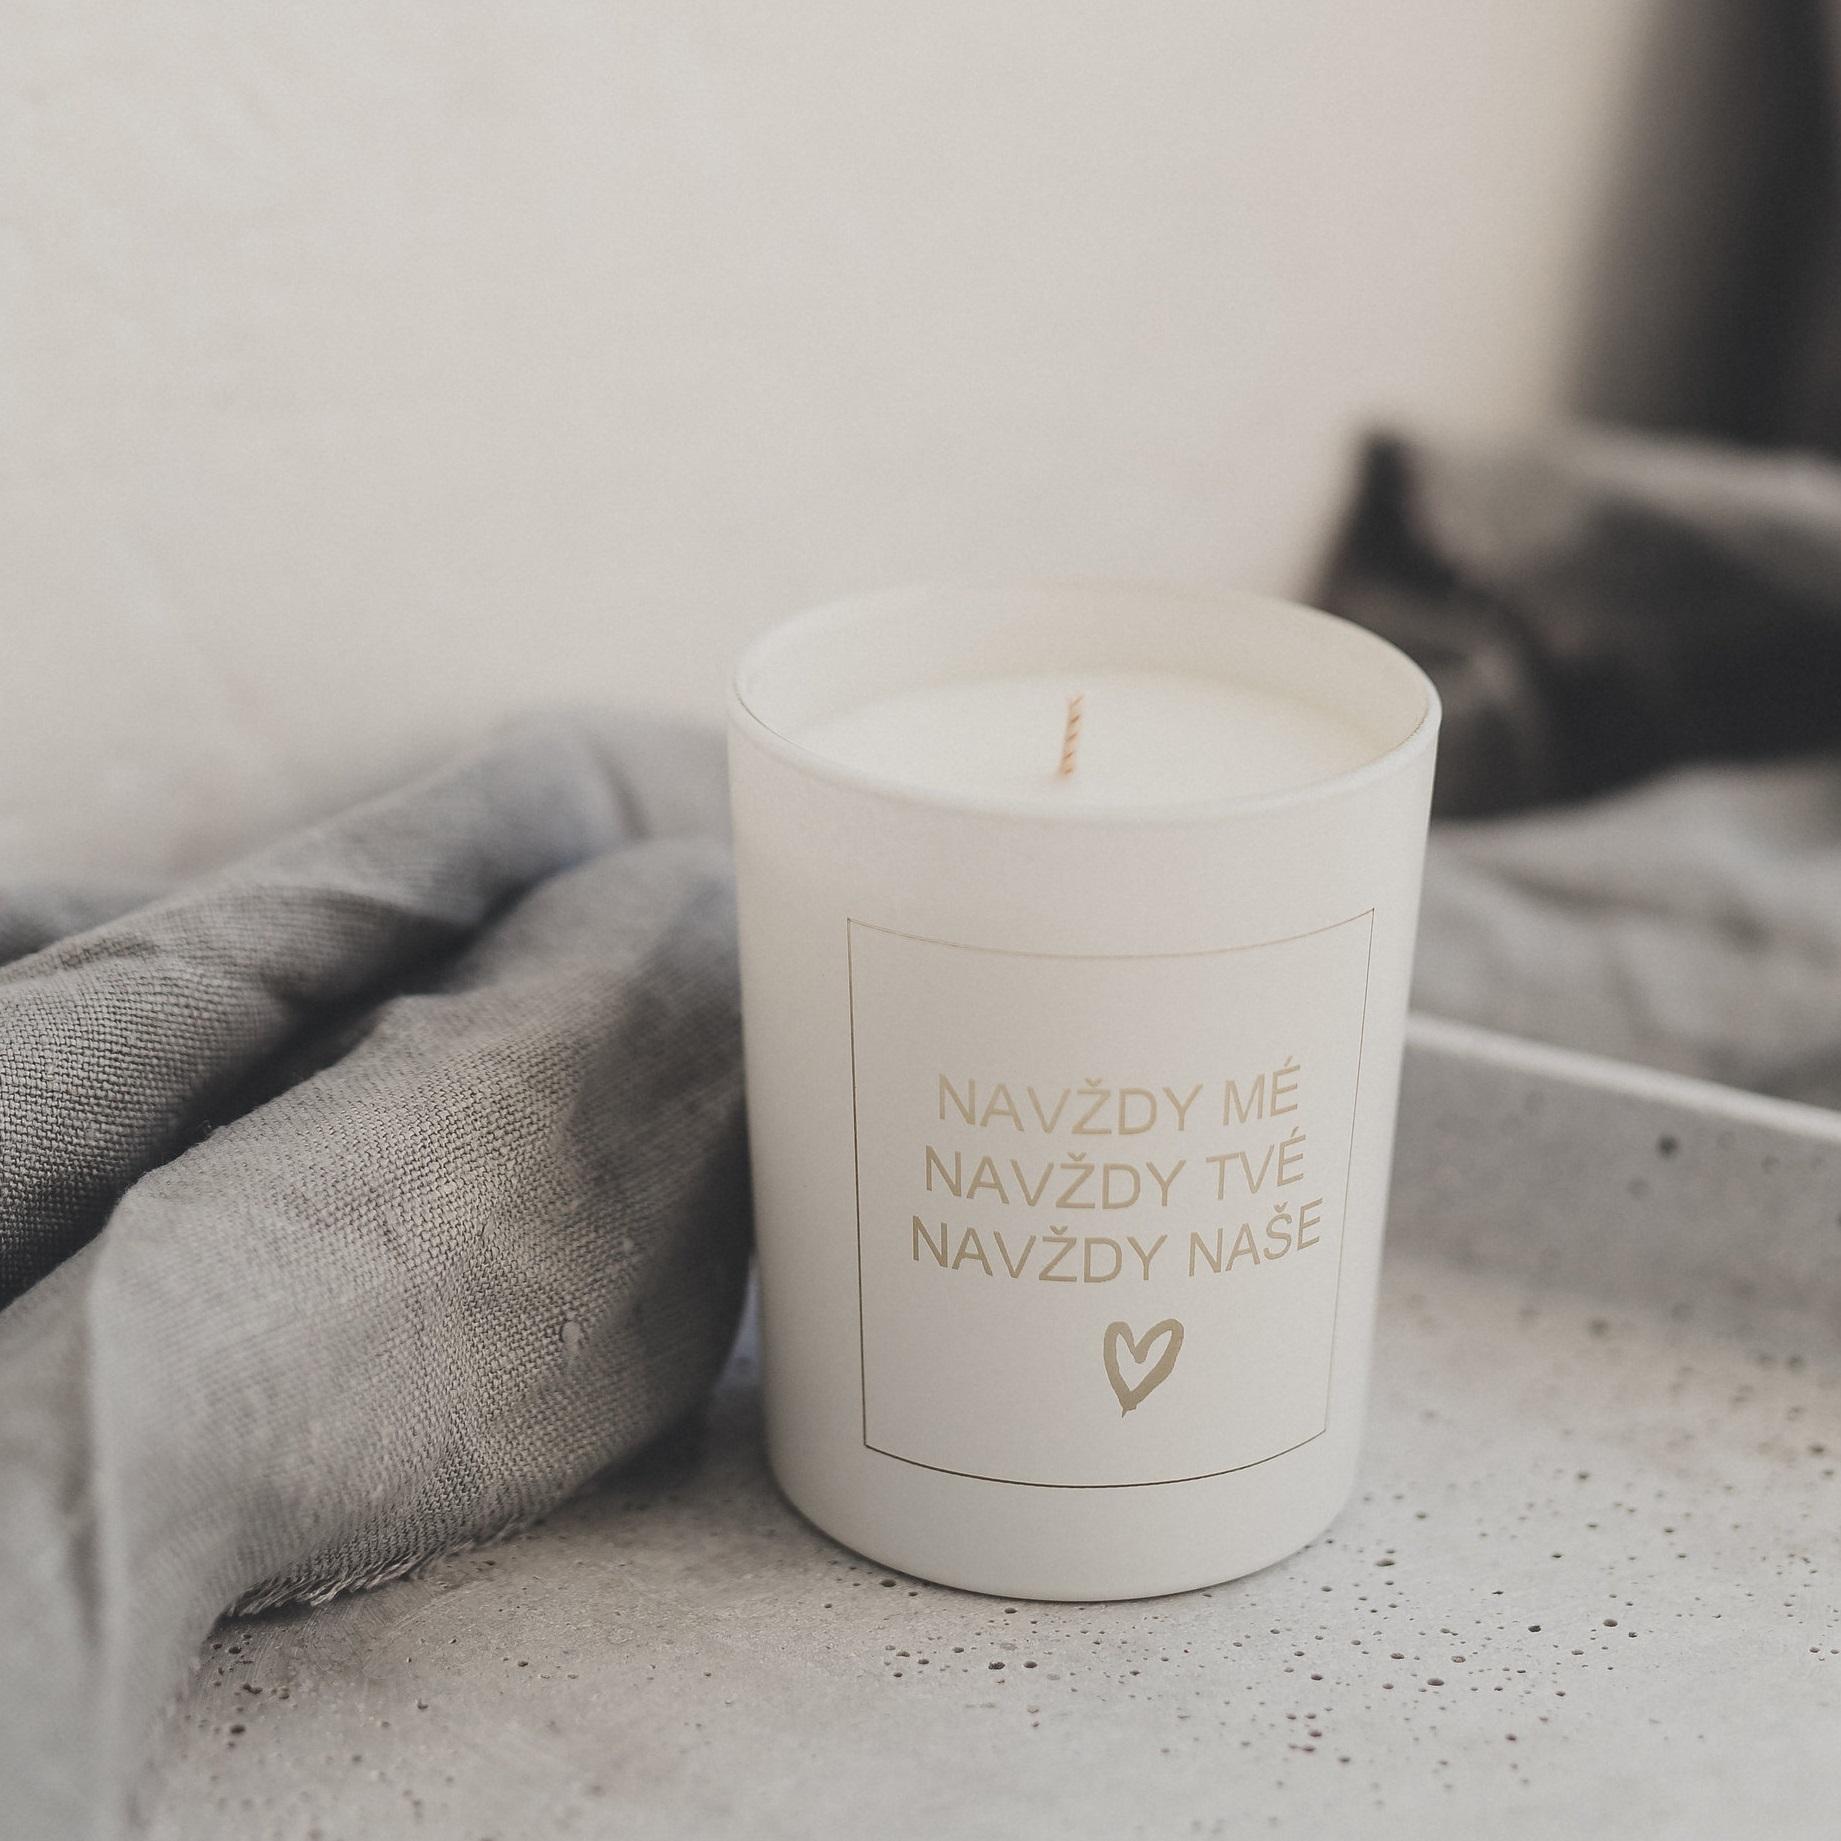 Svíčky s českým nápisem od Bella Rose jsou osobitým svatebním darem